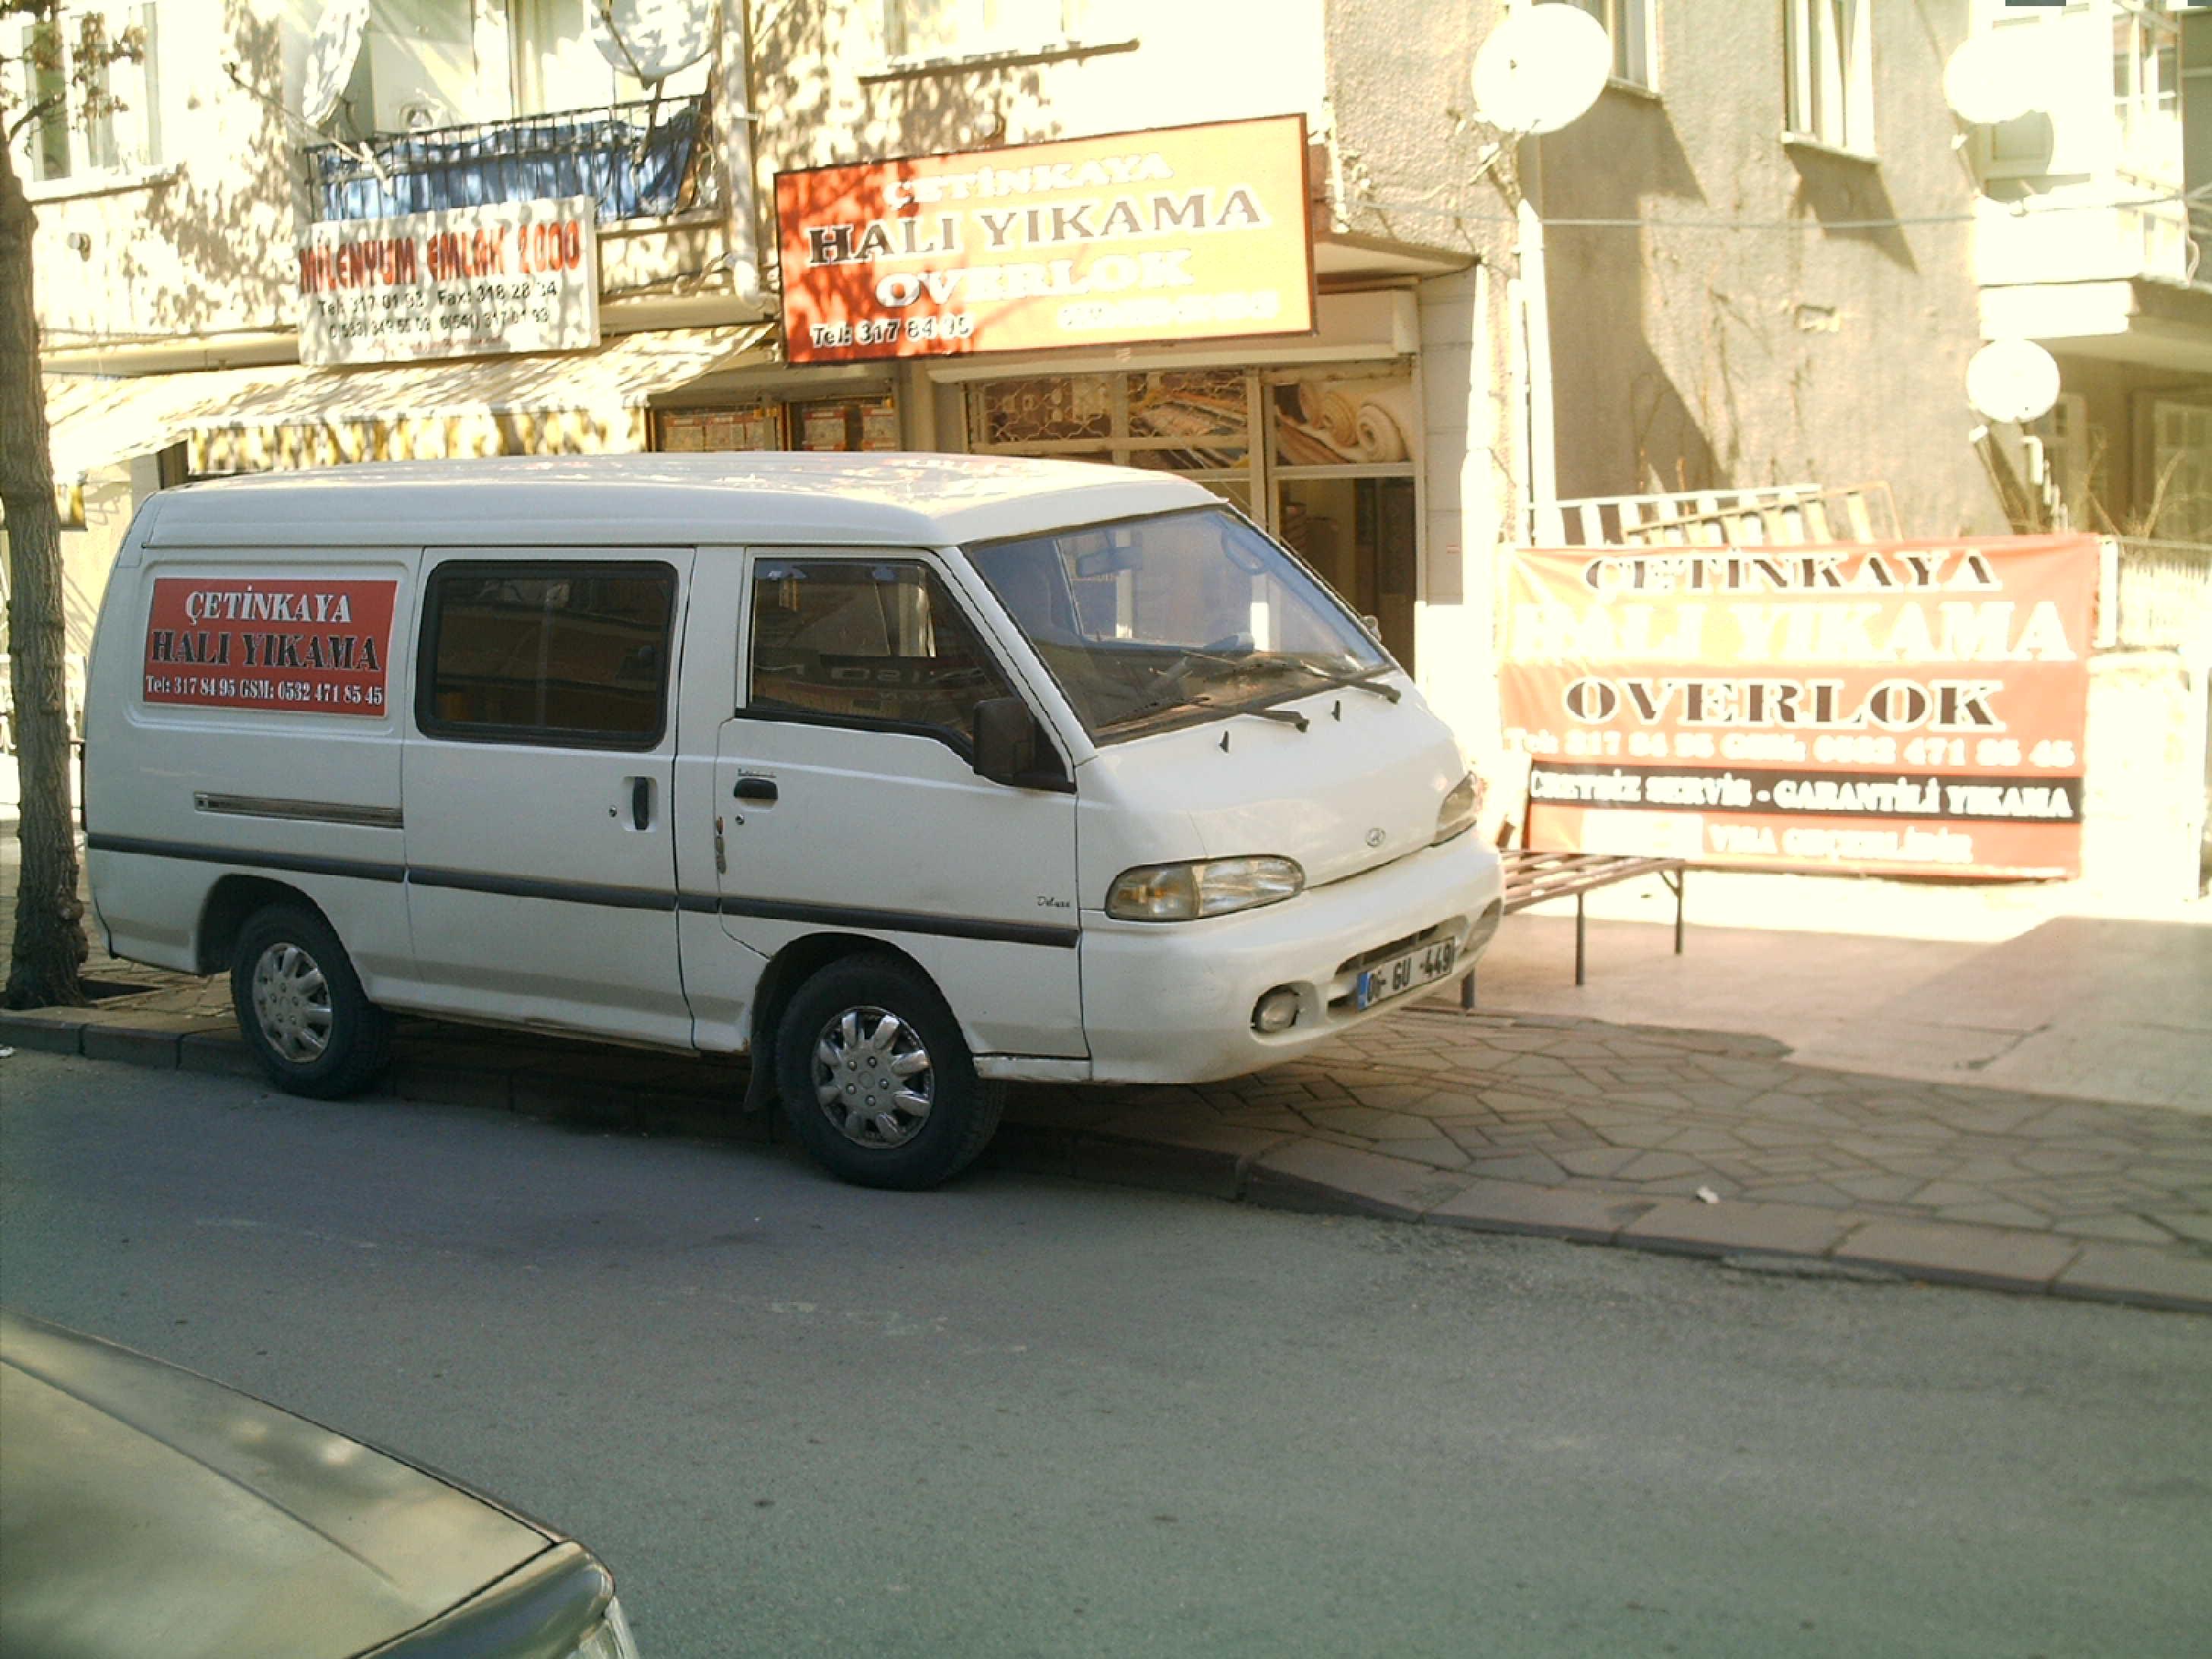 saimekadın_hali_yikama_servis-1 (3)